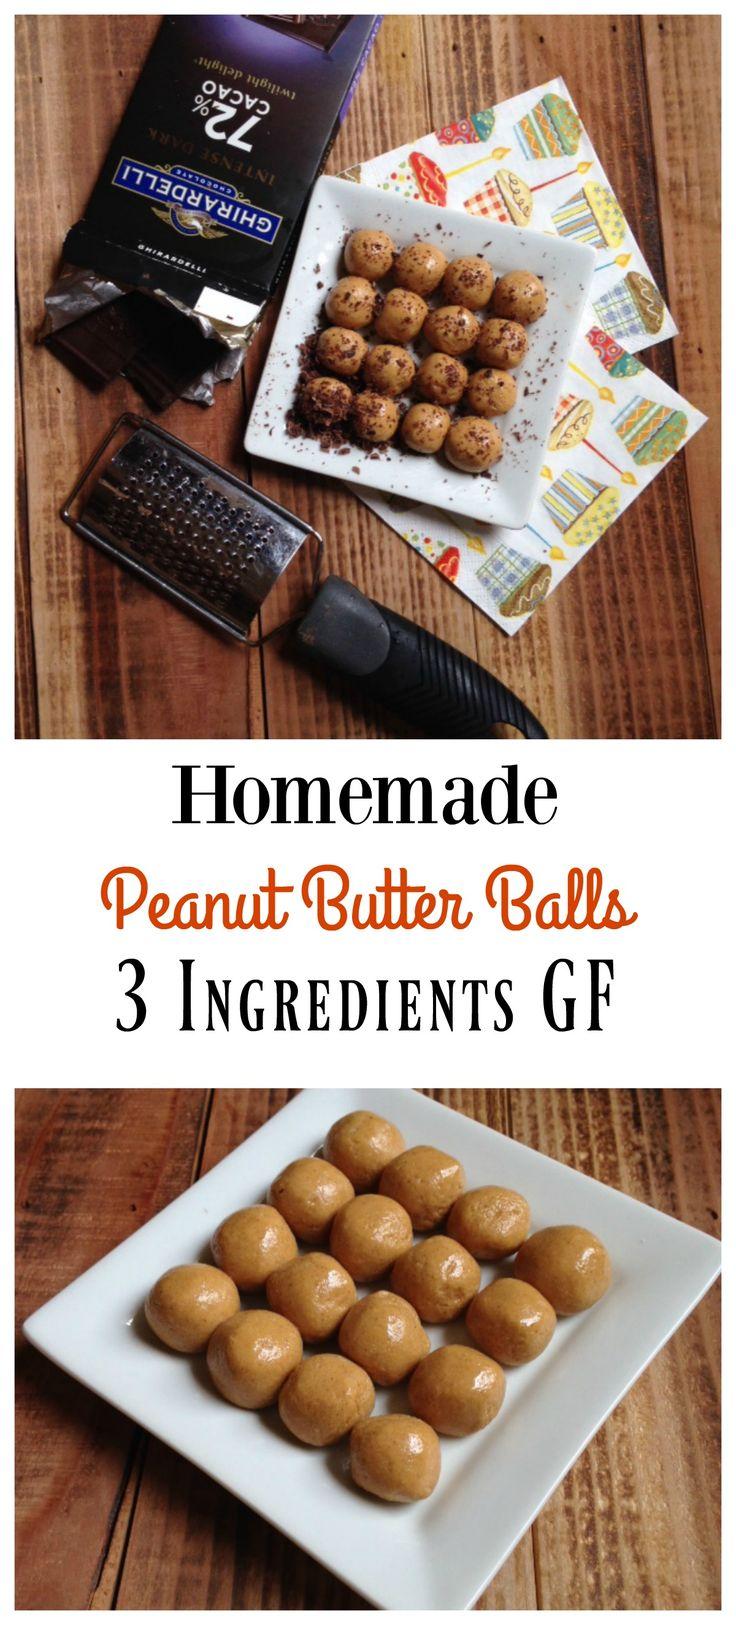 Homemade GF Peanut Butter Balls #peanutbutter                                                                                                                                                                                 More